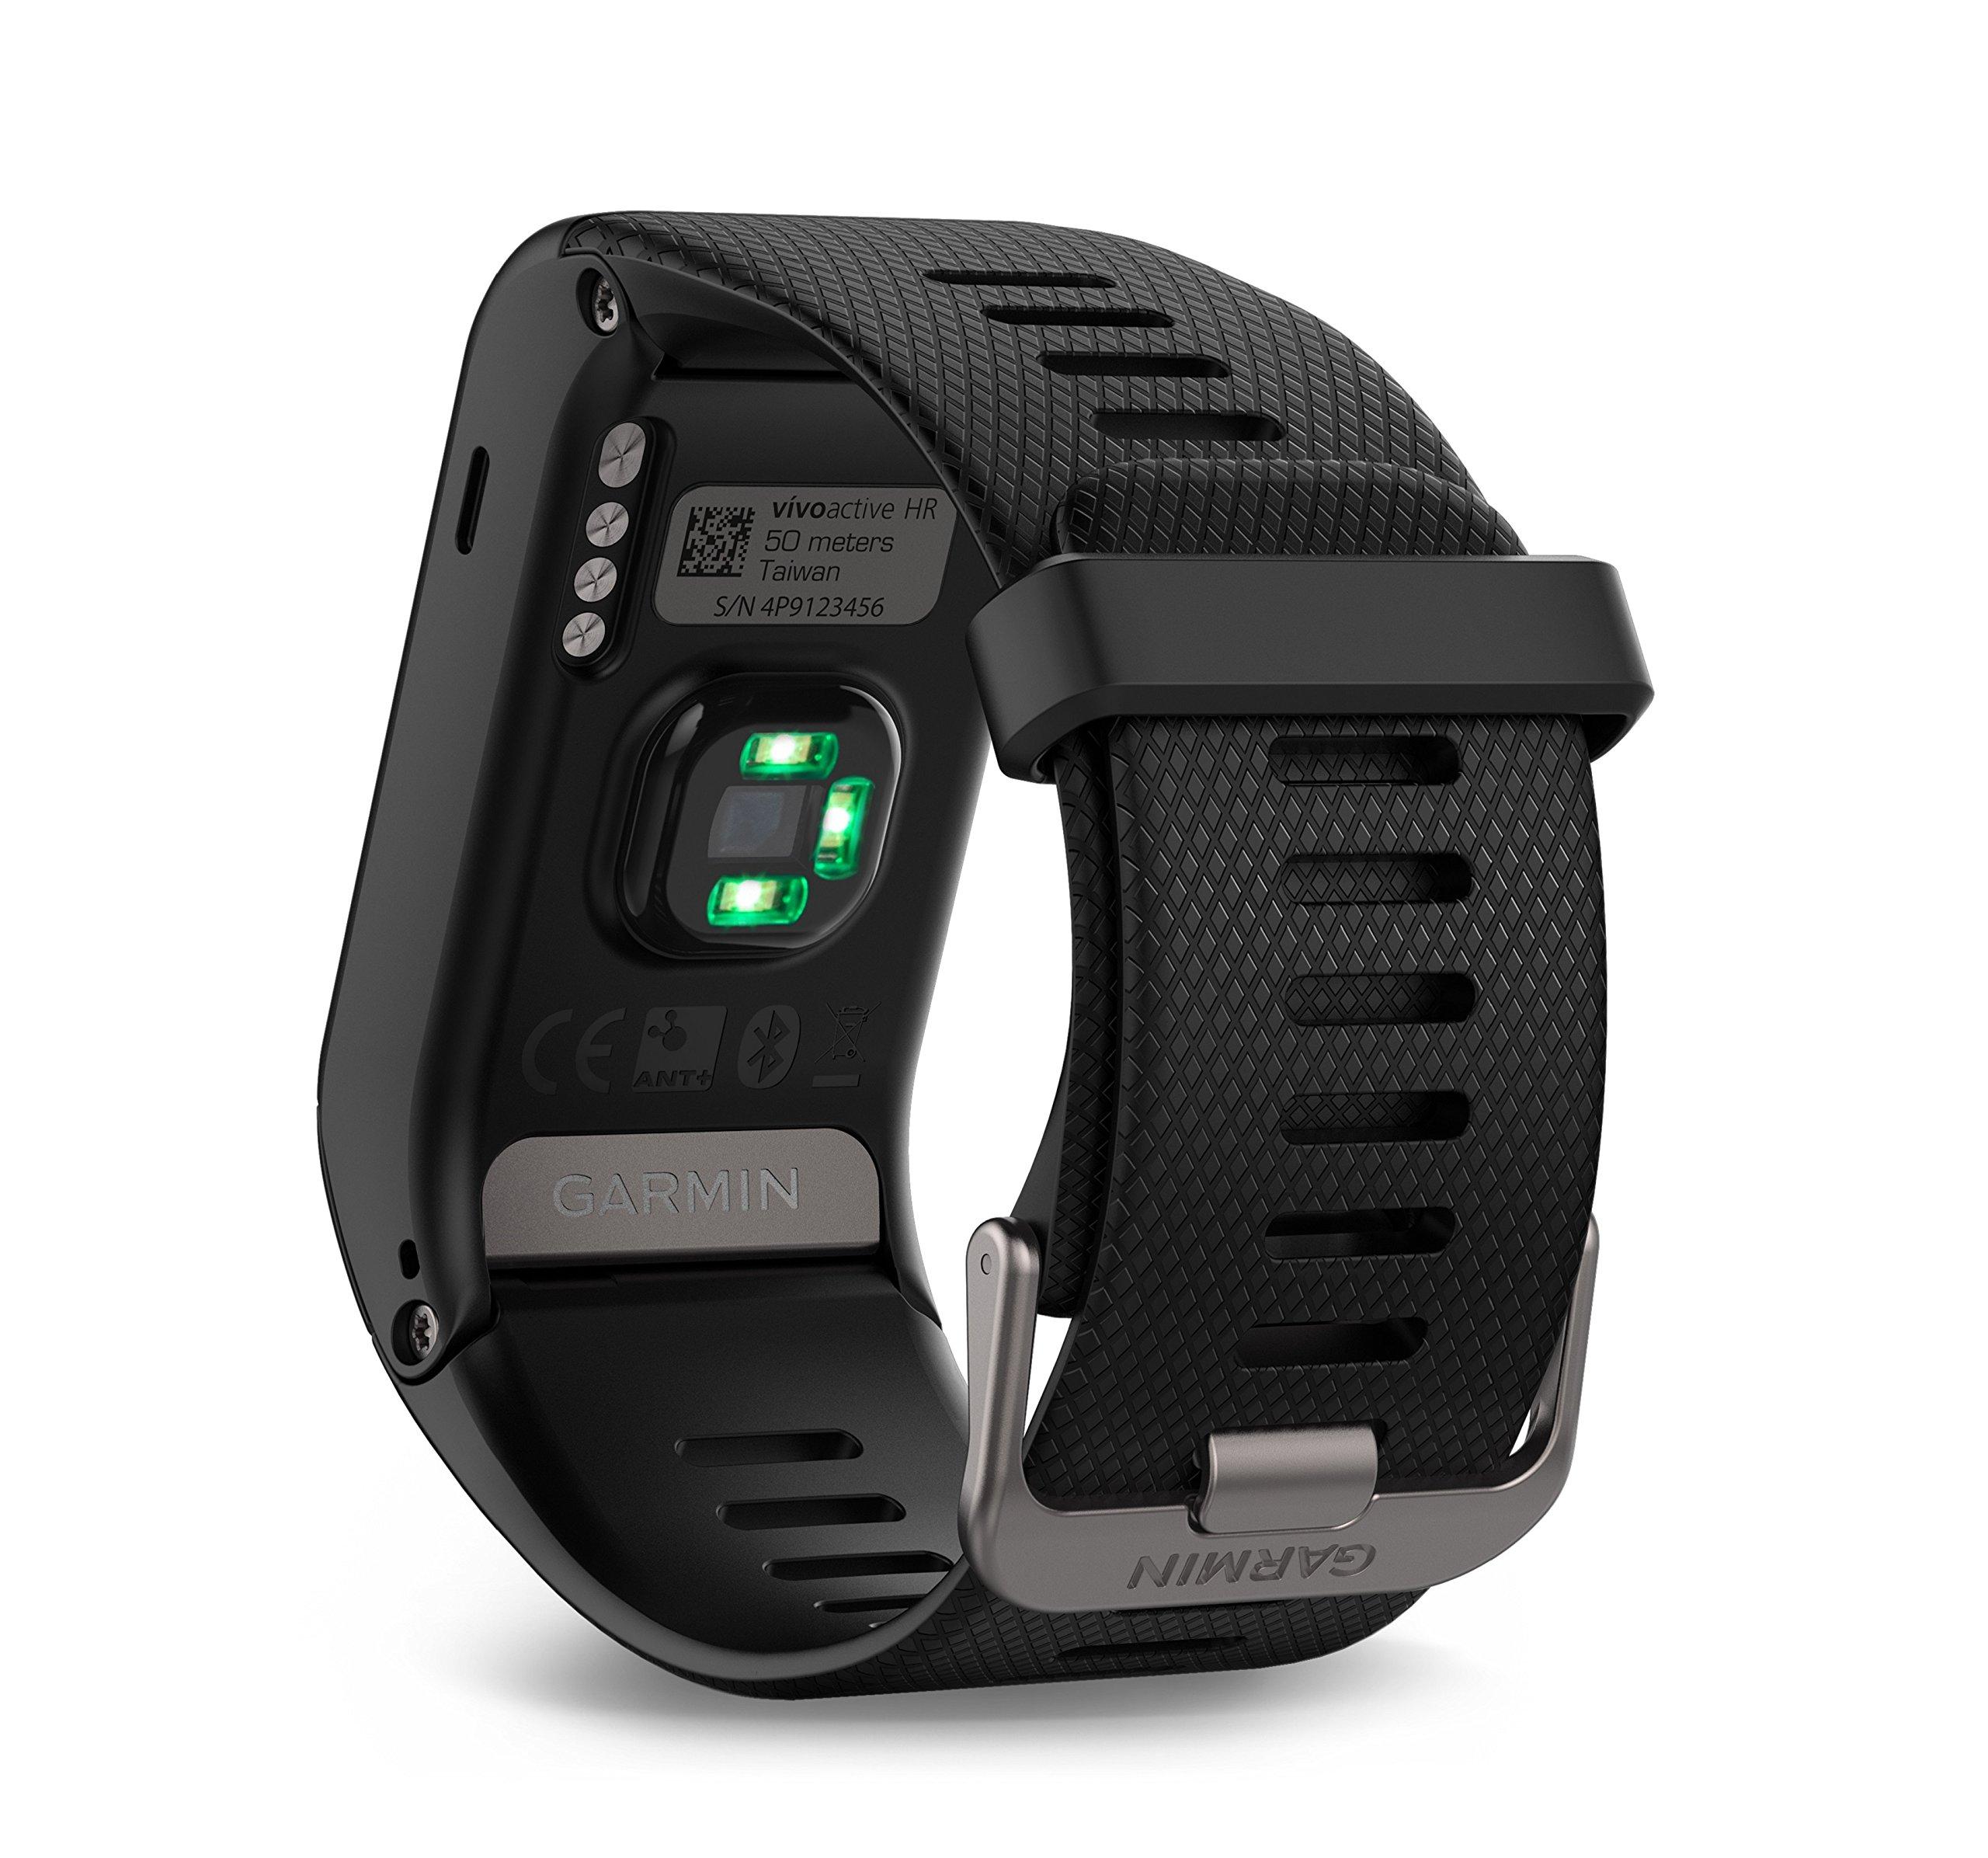 Garmin Vivoactive HR Regular Smartwatch con Cardio al Polso, Profili d'Attività Fisica, Cinturino Regular (M-L), Nero 5 spesavip